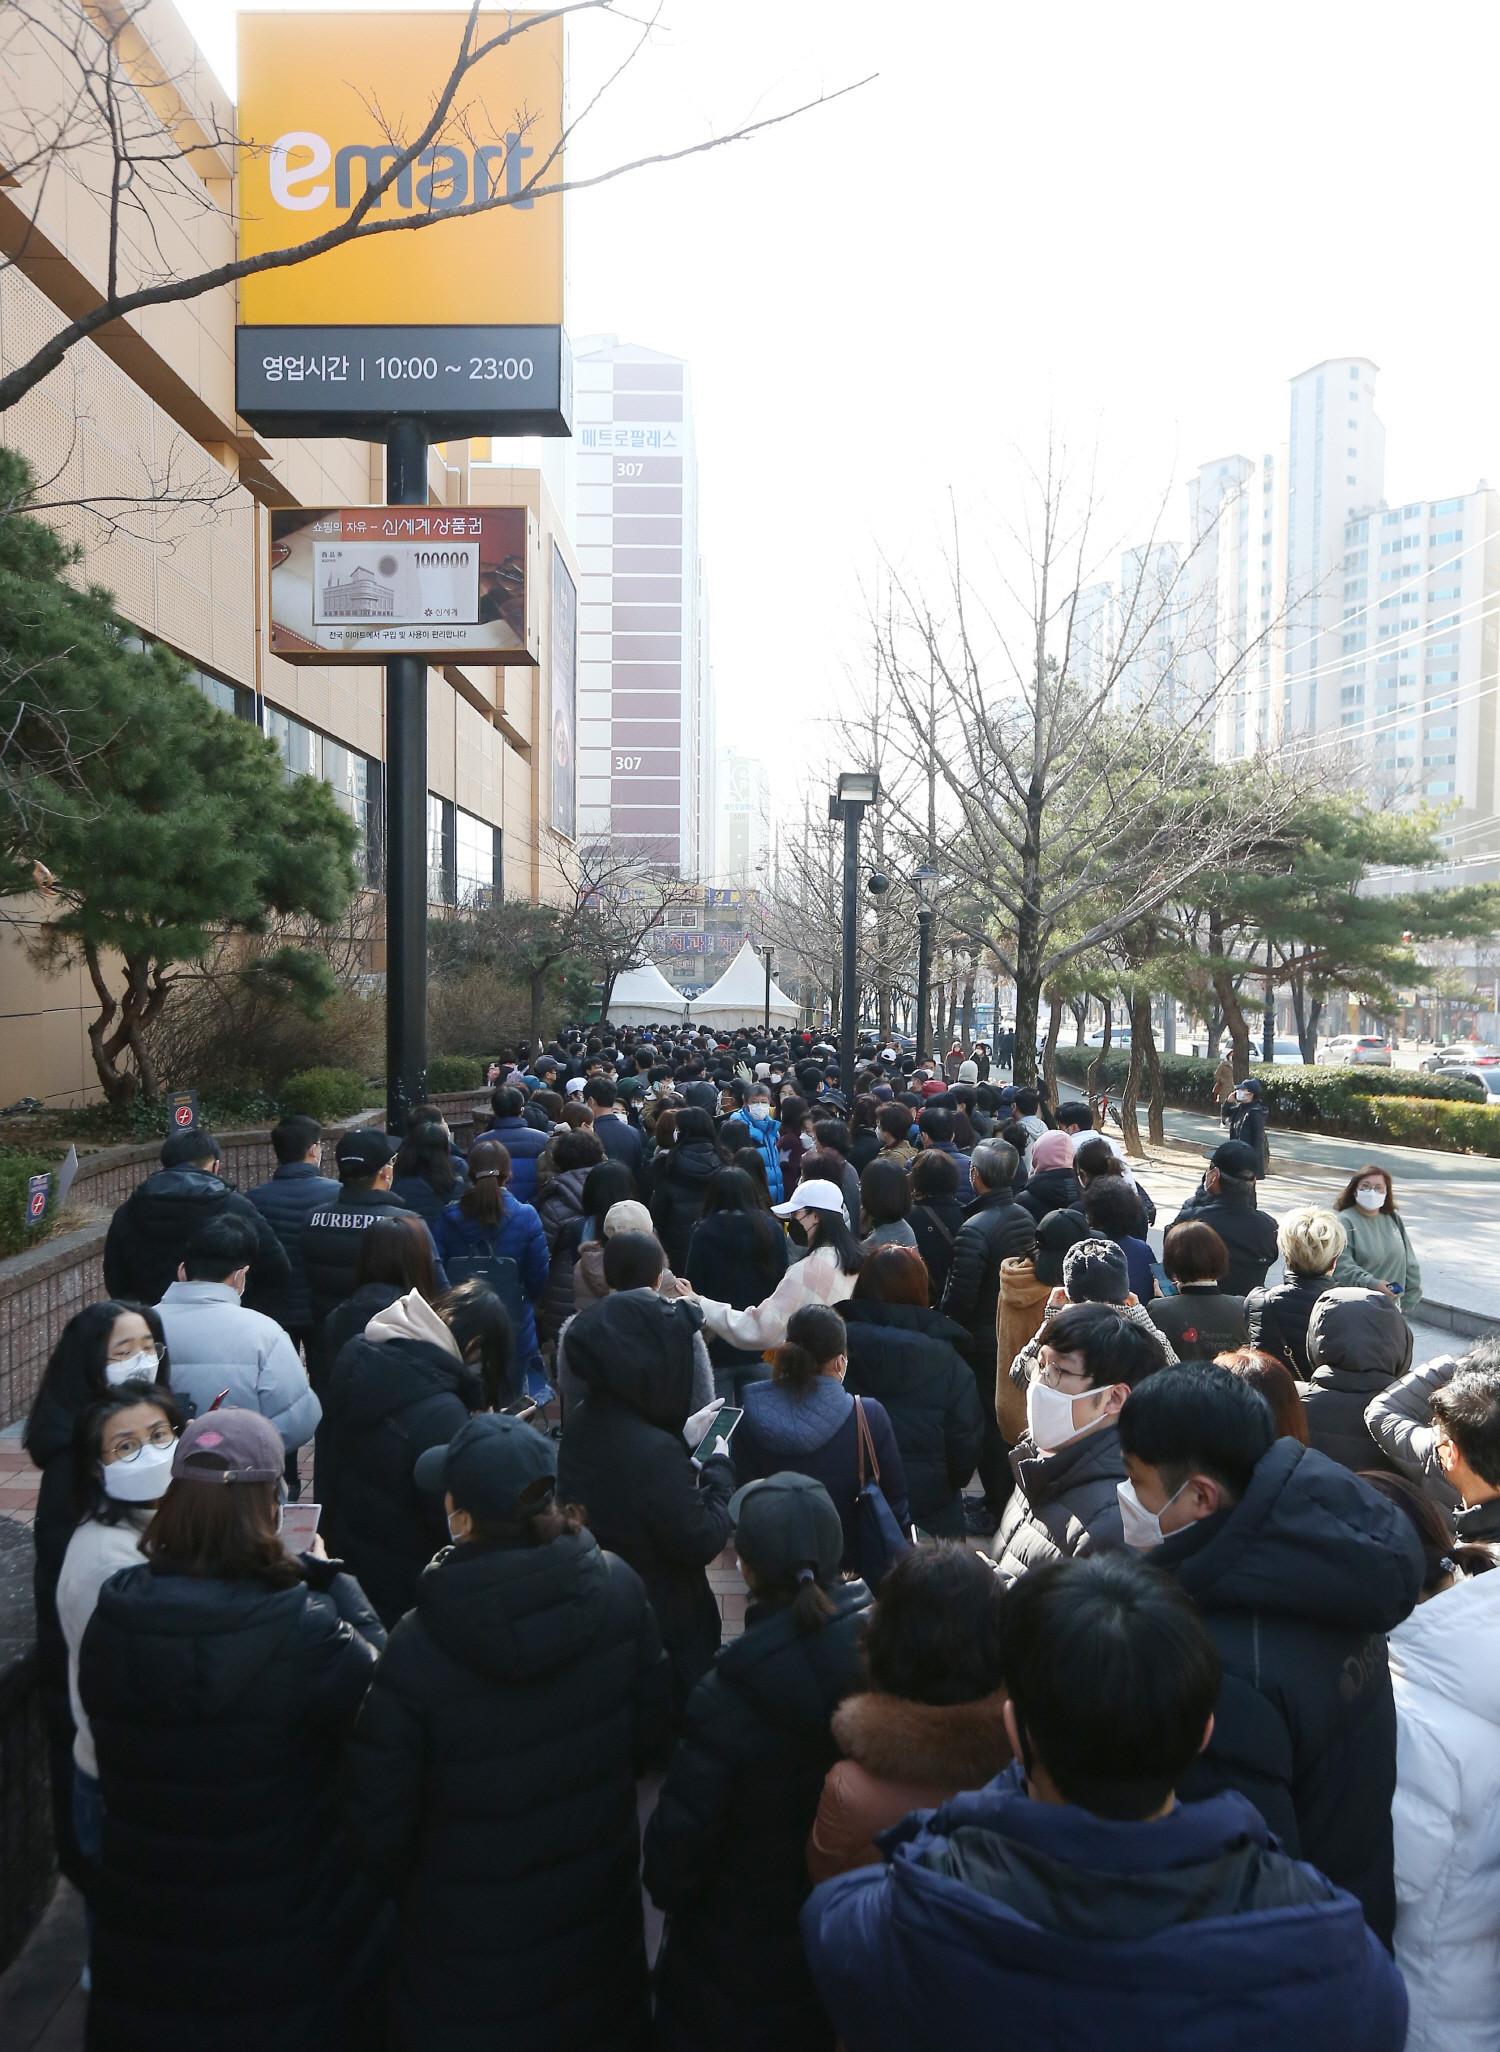 韩国疫情爆发地民众排数百米抢购口罩 网友急了:危险!